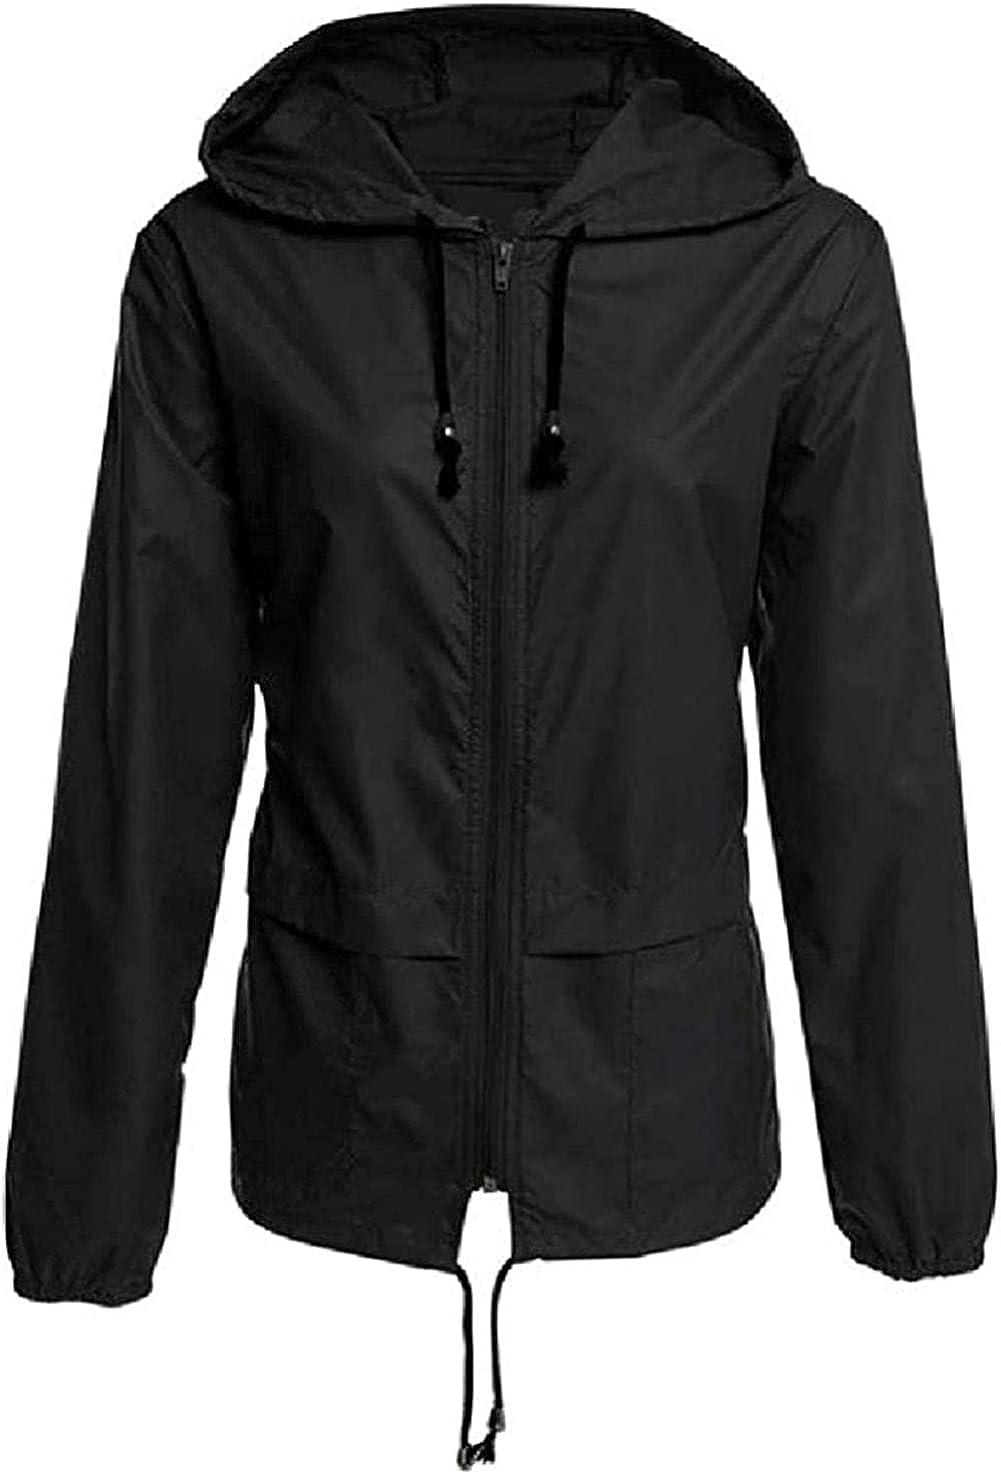 Women's Lightweight Zip Up Solid Hooded Outdoor Waterproof Windproof Windbreaker Jacket Coat